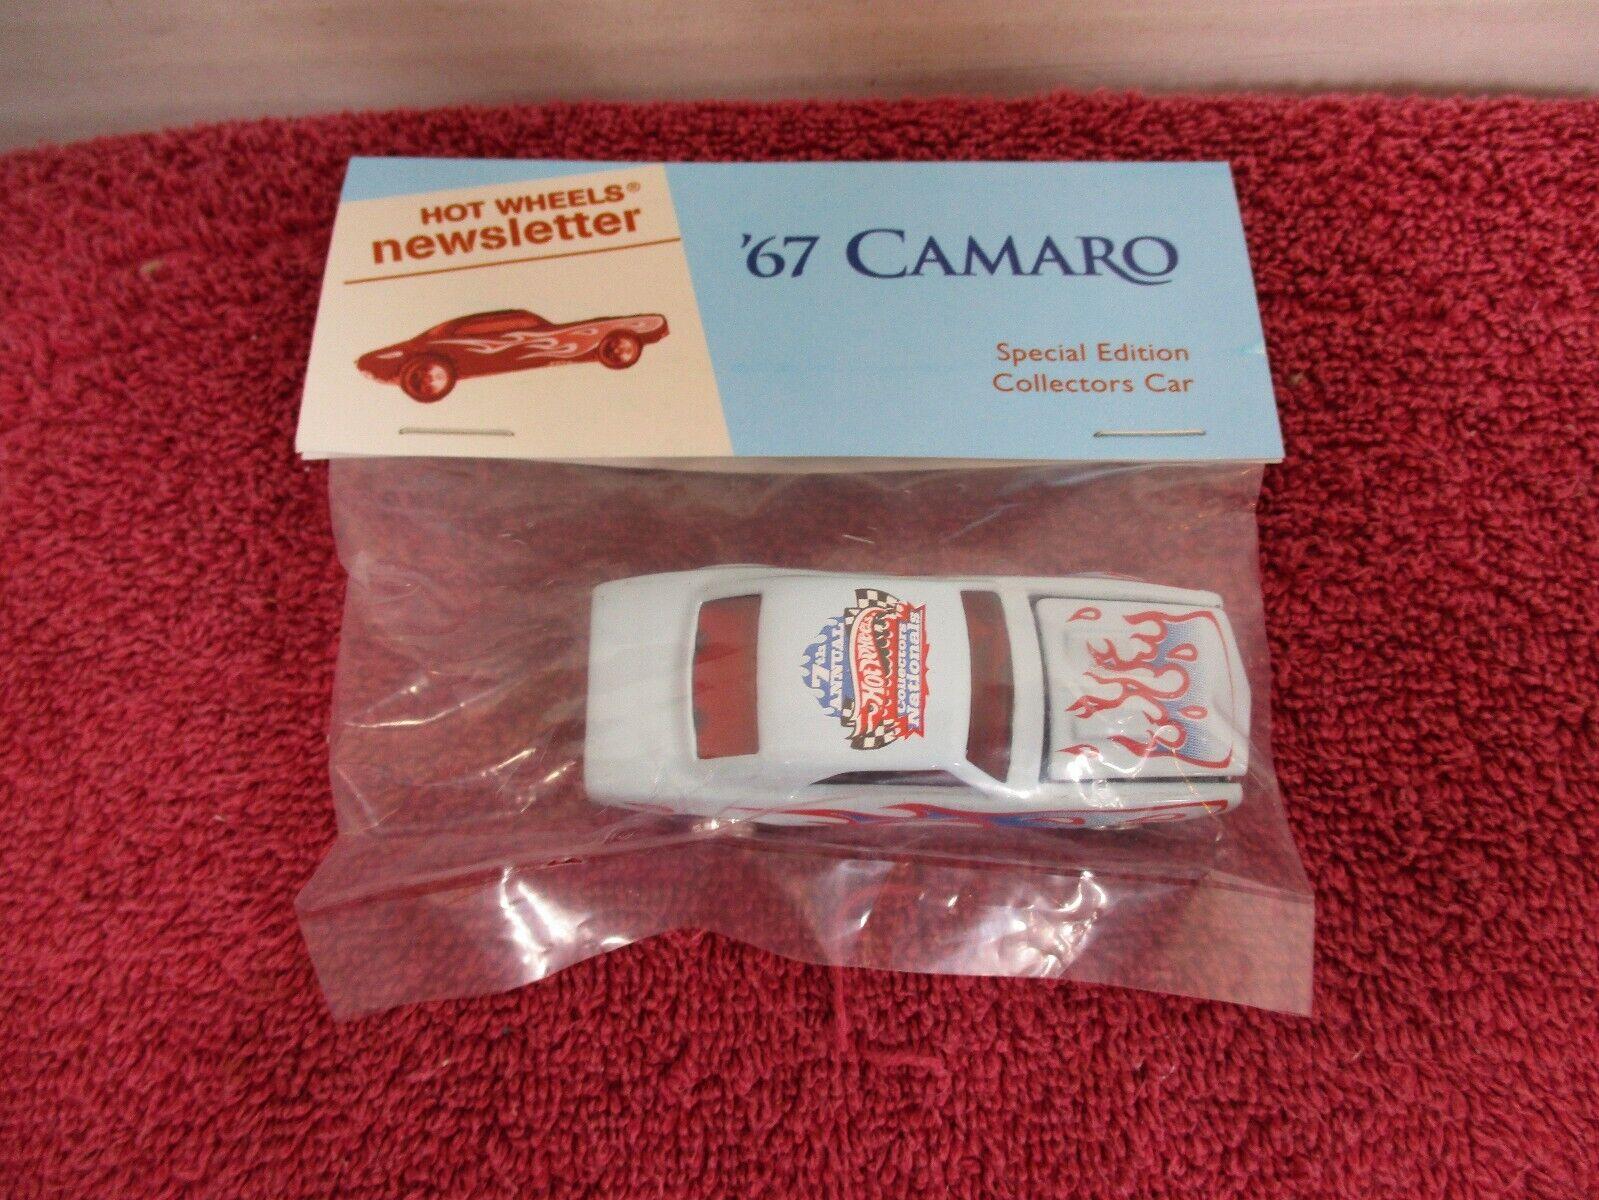 Boletín De Hot Wheels'67 Chevy Camaro